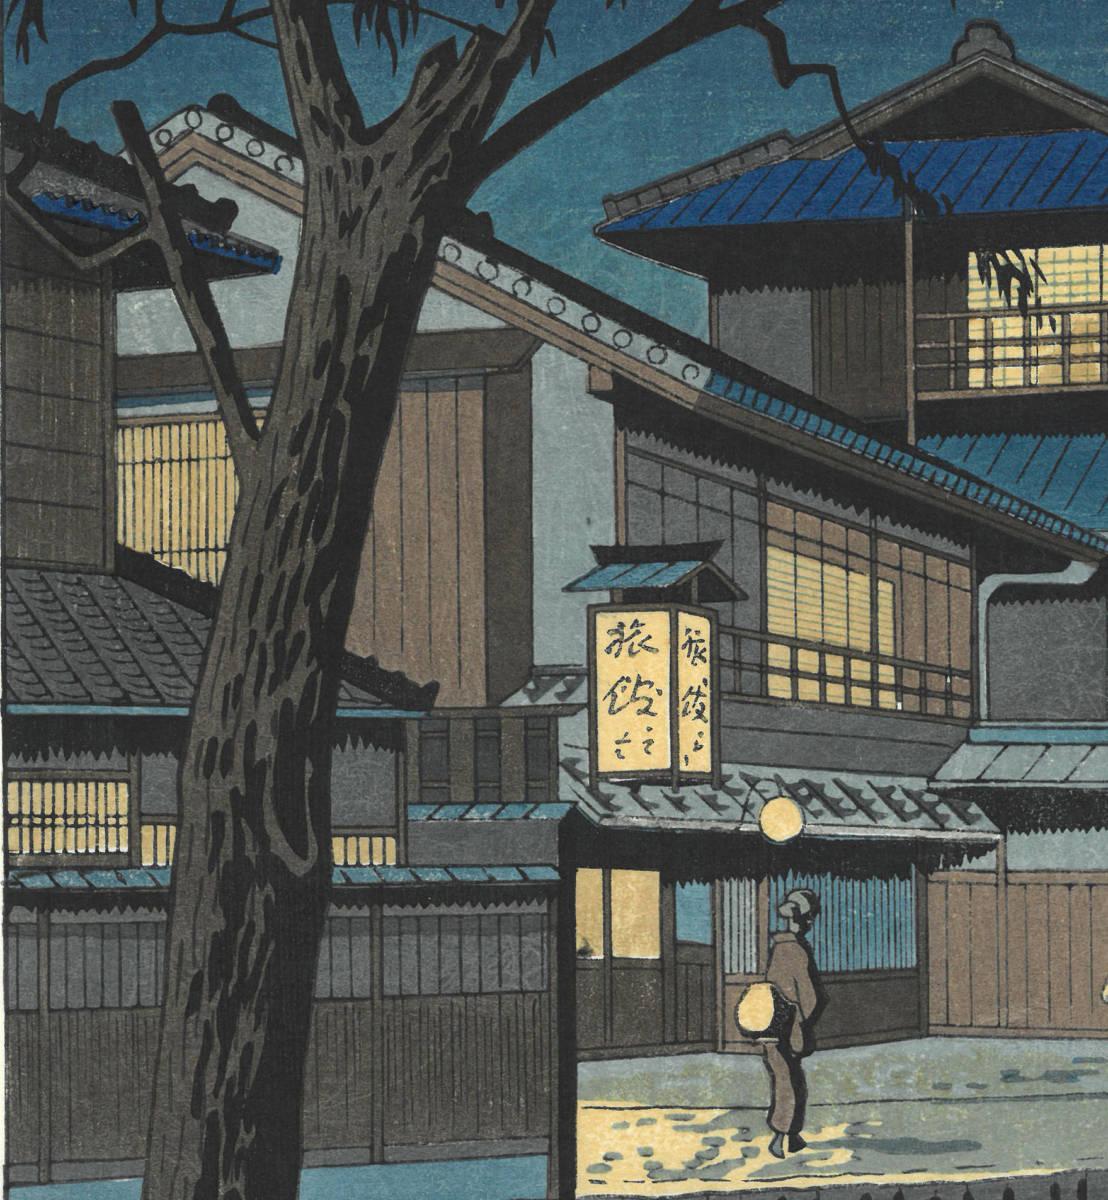 浅野竹二 (Asano Takeji) 木版画 TA18 木屋町 新版画 初版昭和20年頃 京都の一流の摺師の技をご堪能下さい!!_画像9